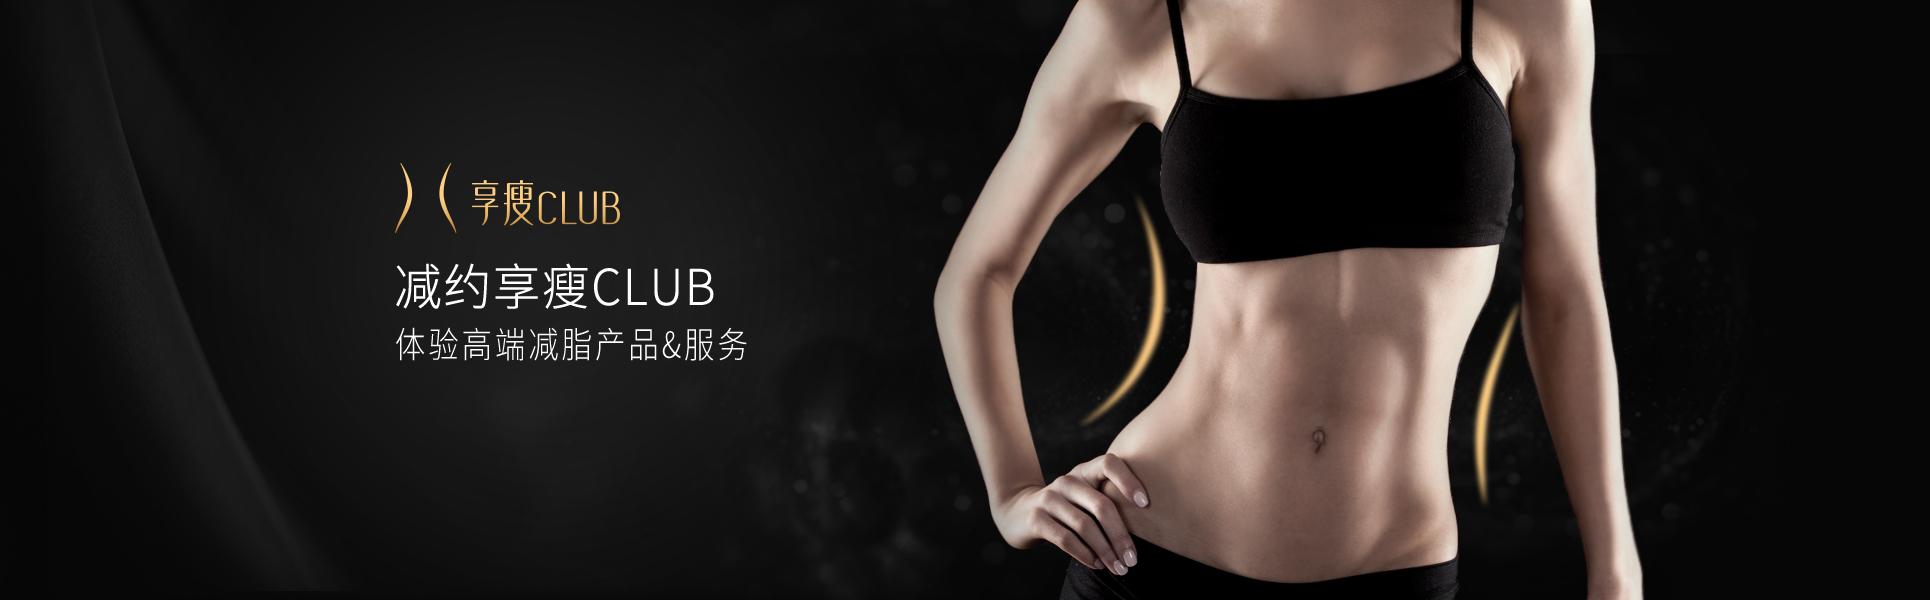 享瘦club-banner